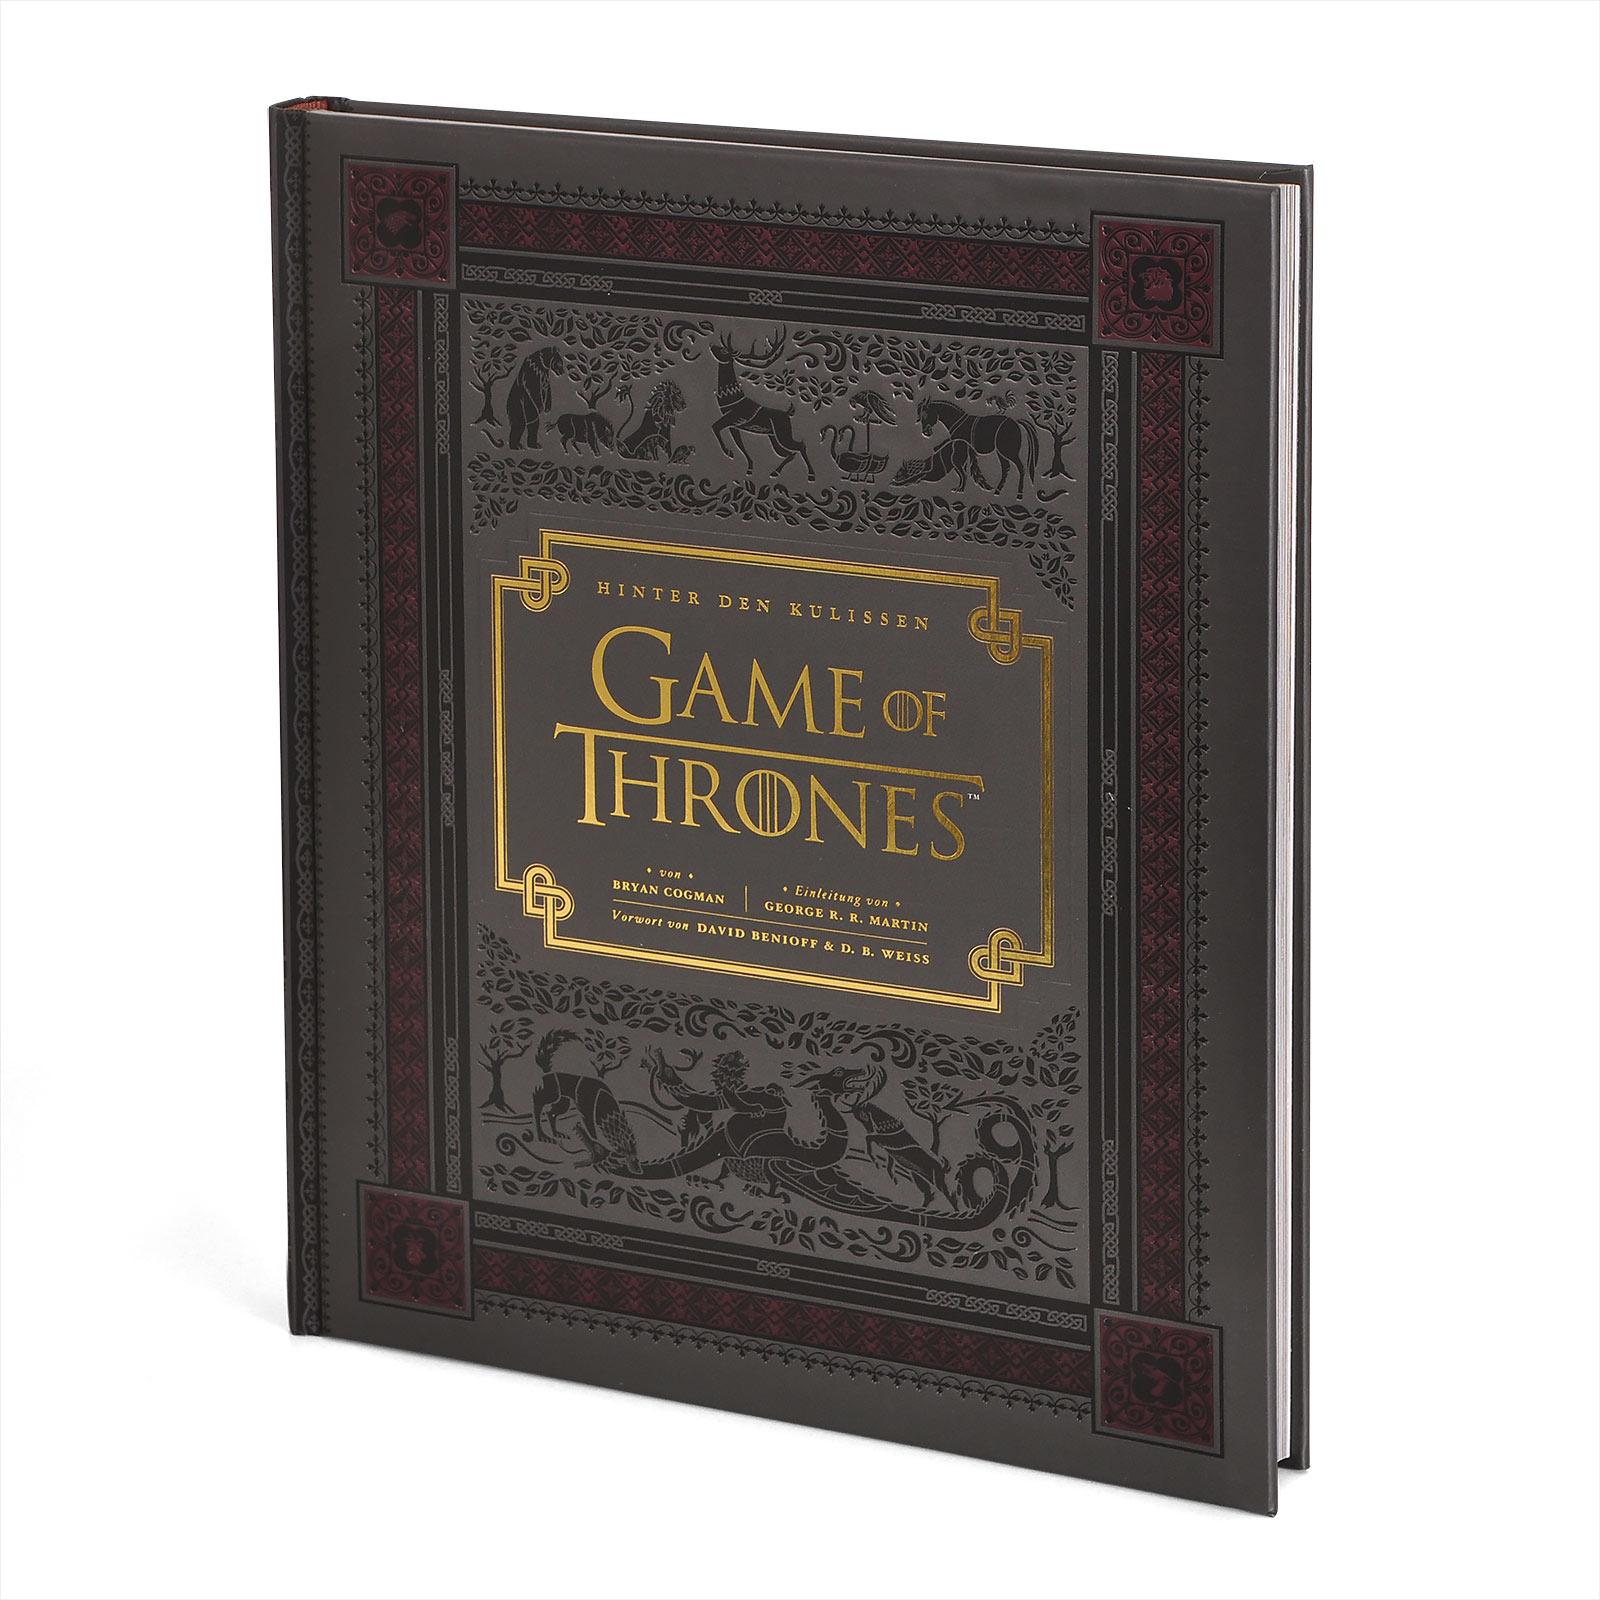 Game of Thrones - Hinter den Kulissen